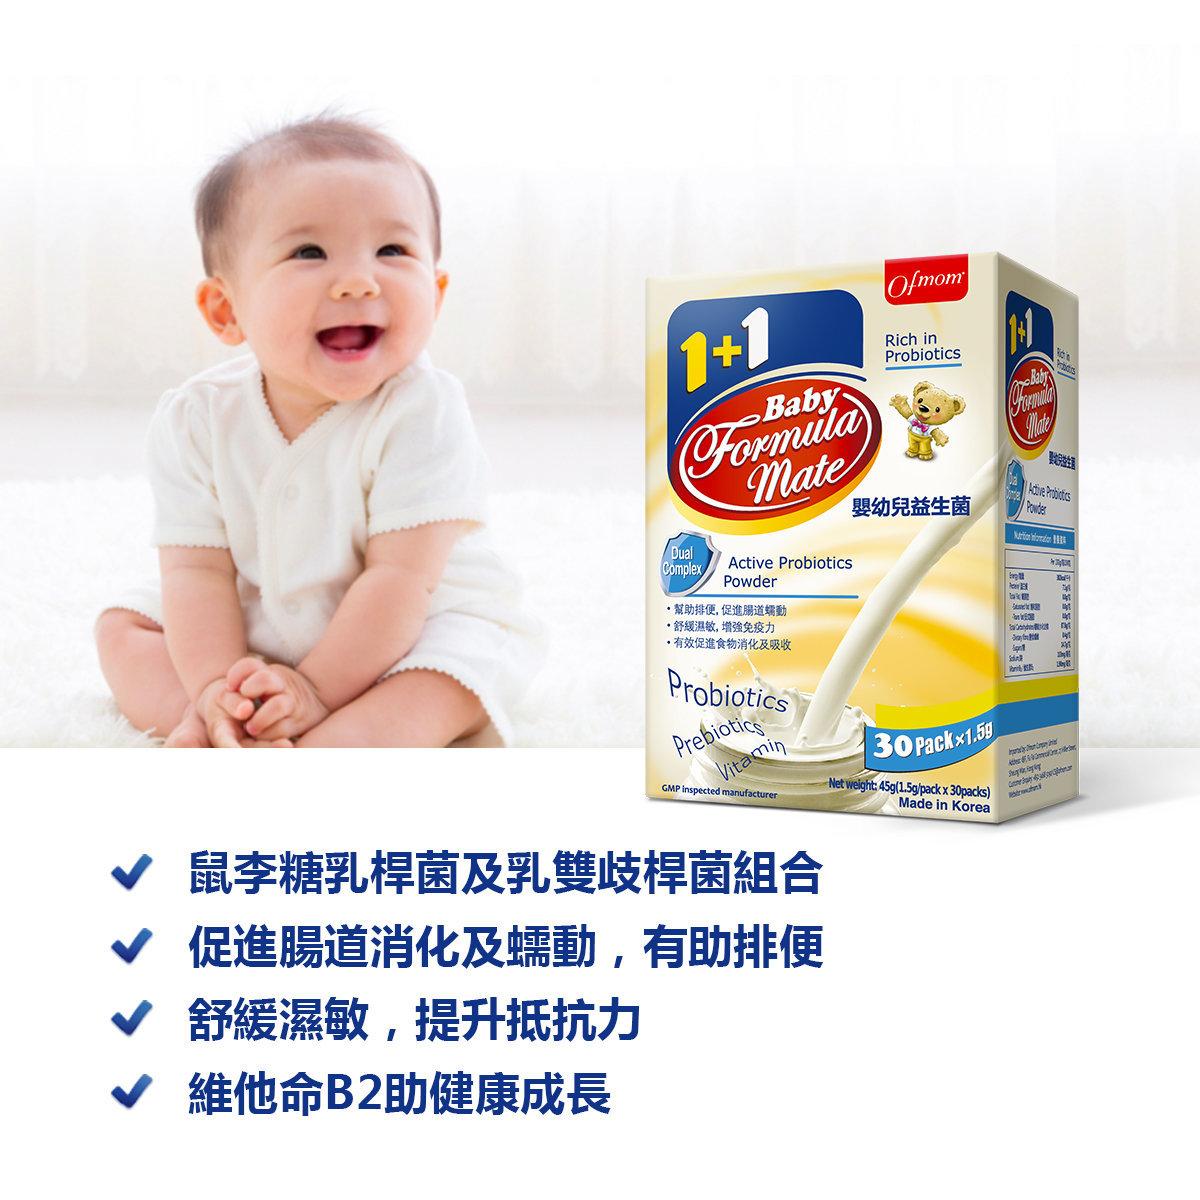 1+1嬰幼兒童益生菌粉 (0-6歲)食用期:2022年